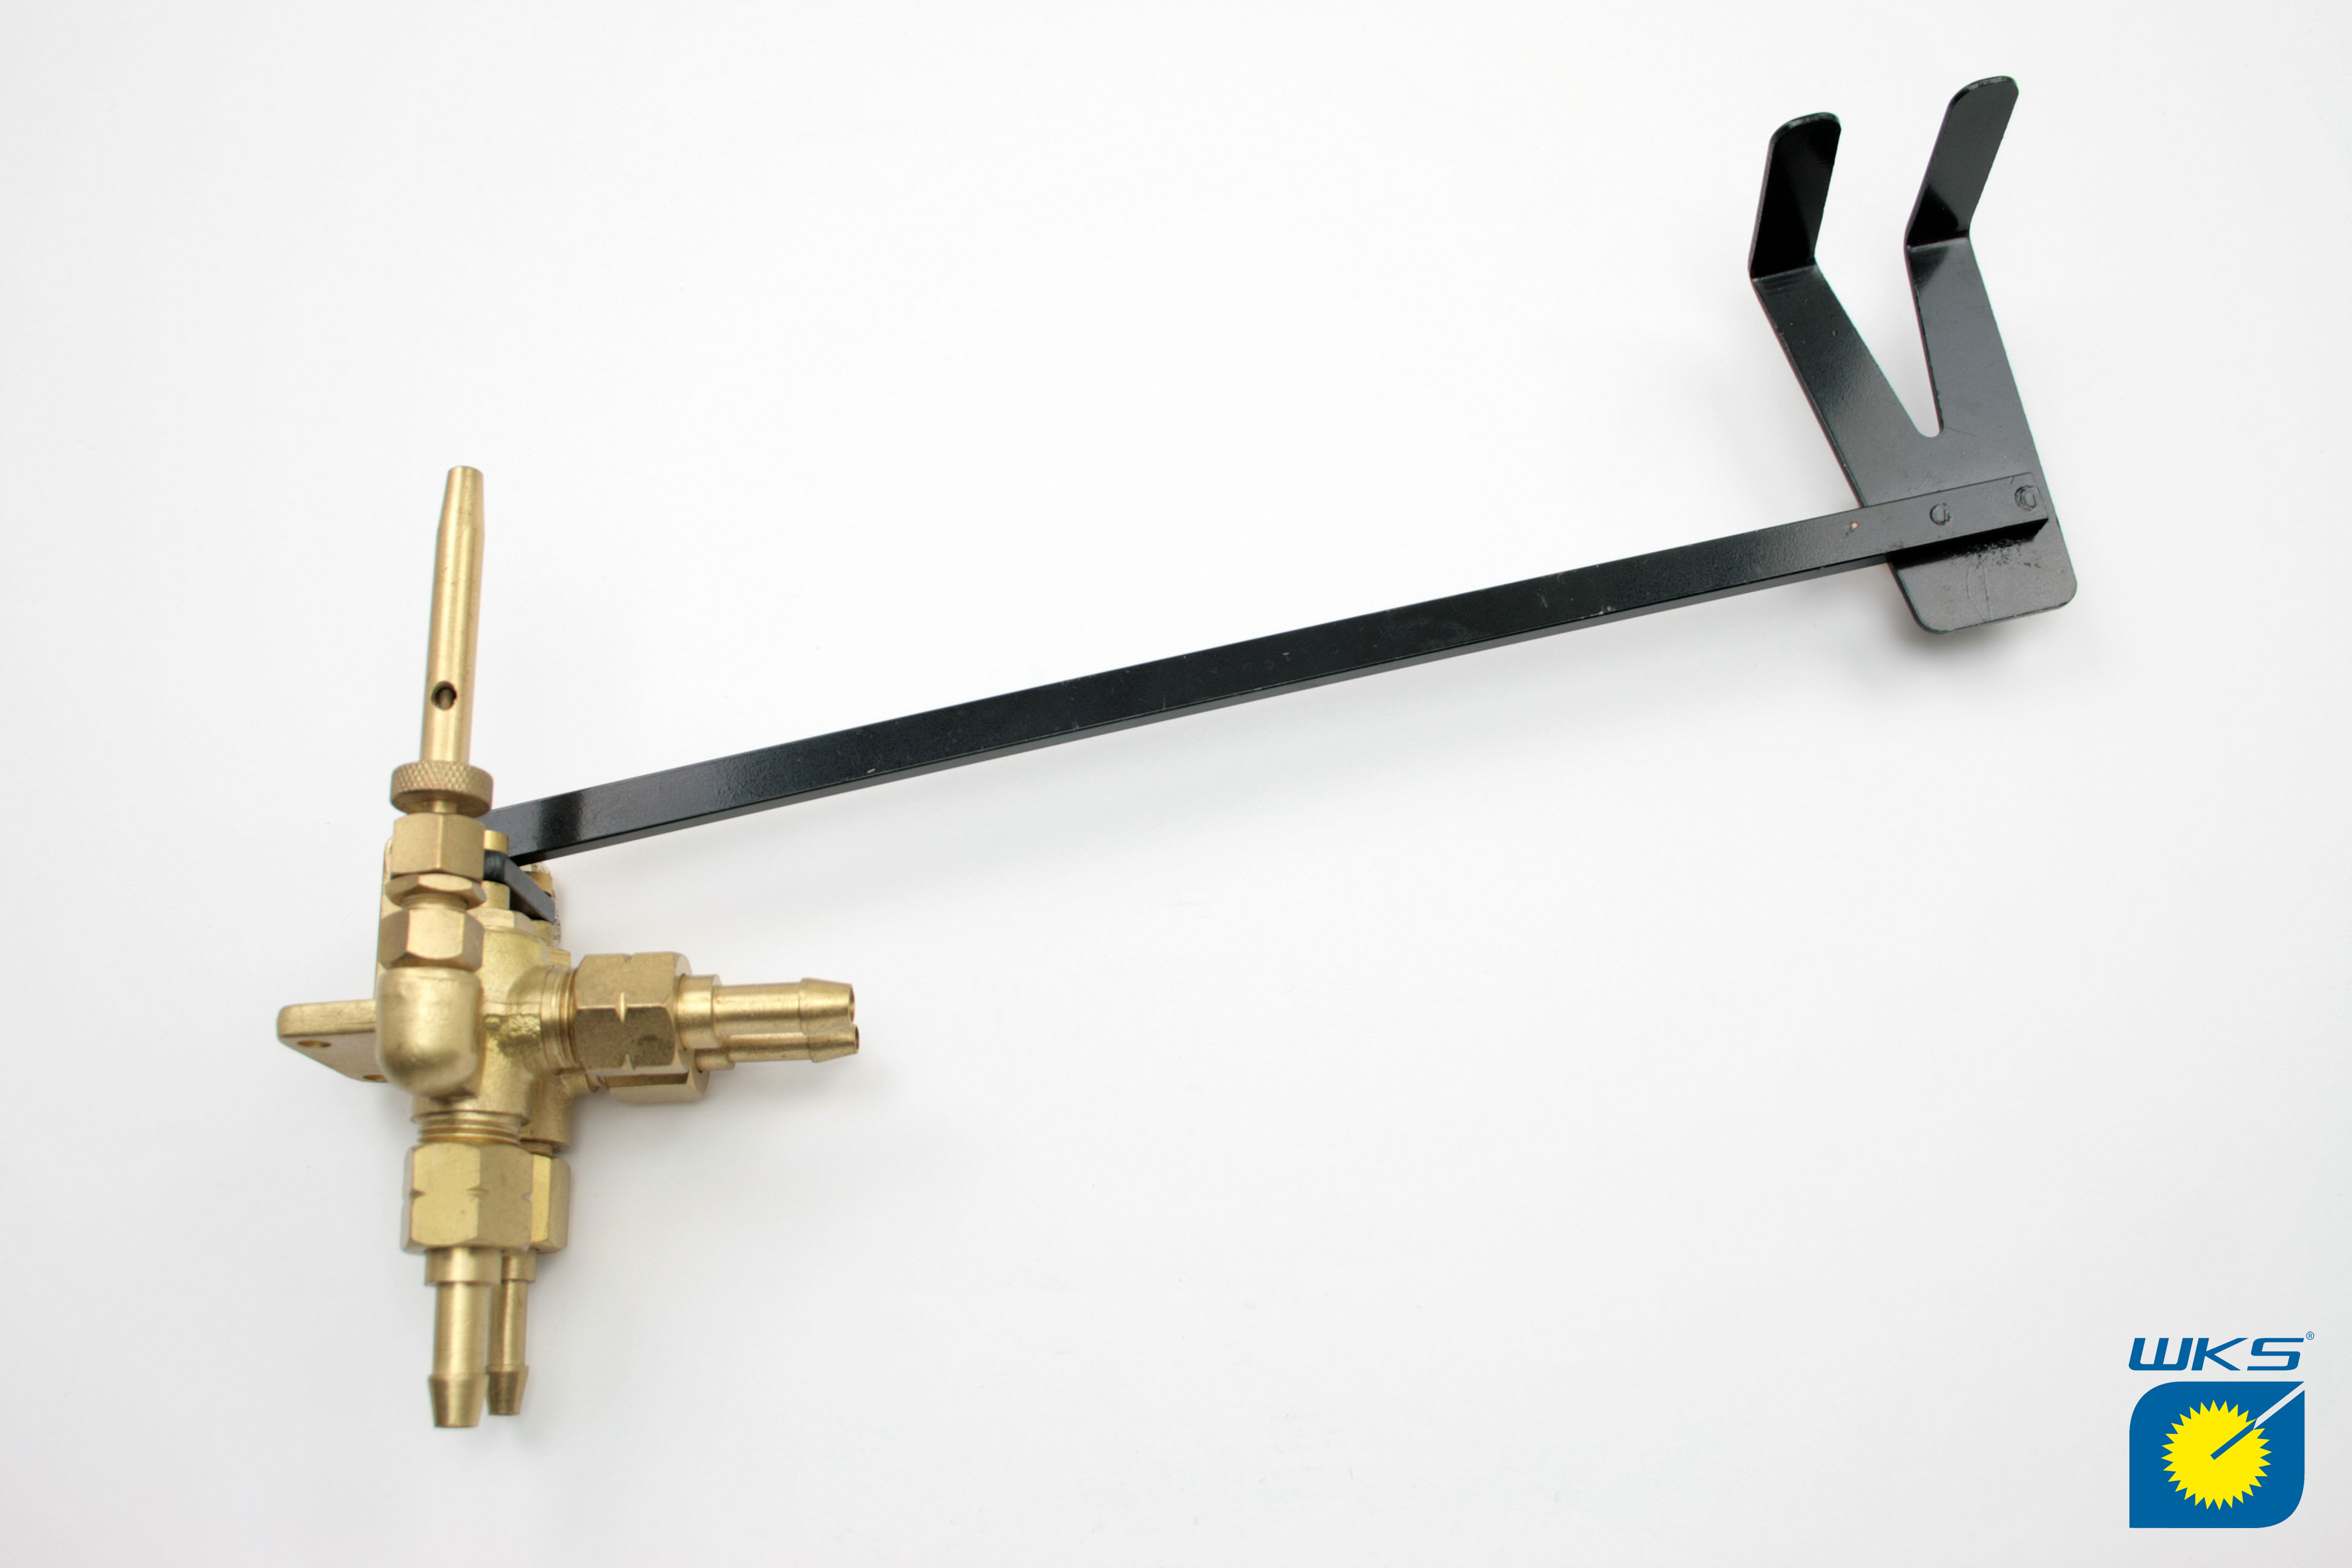 Gassparer mit Pilotflamme Gassparanlage Sauerstoff Azetylen//Propan-Butan//Erdgas